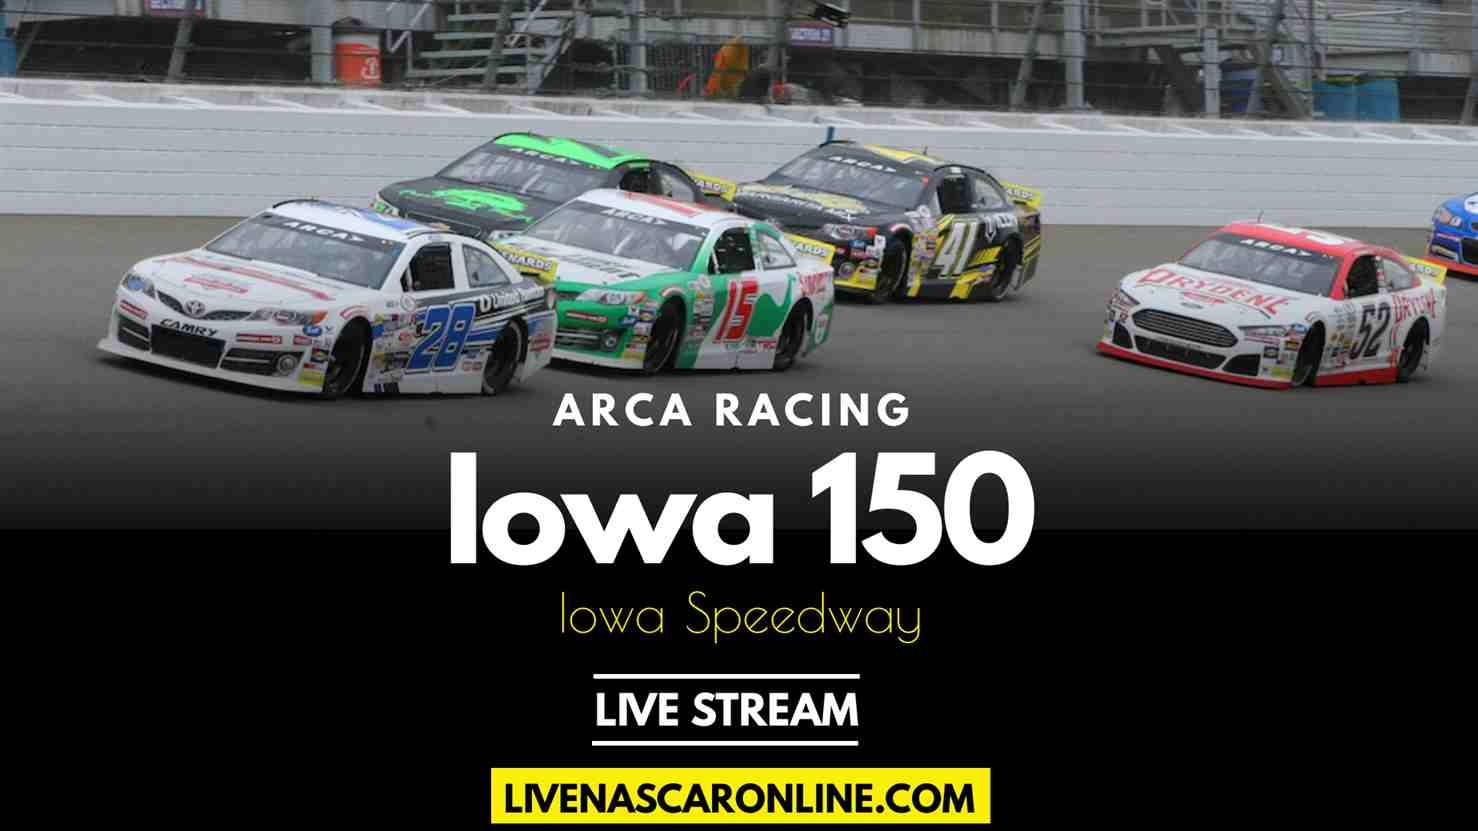 ARCA Iowa 150 Live Stream 2021